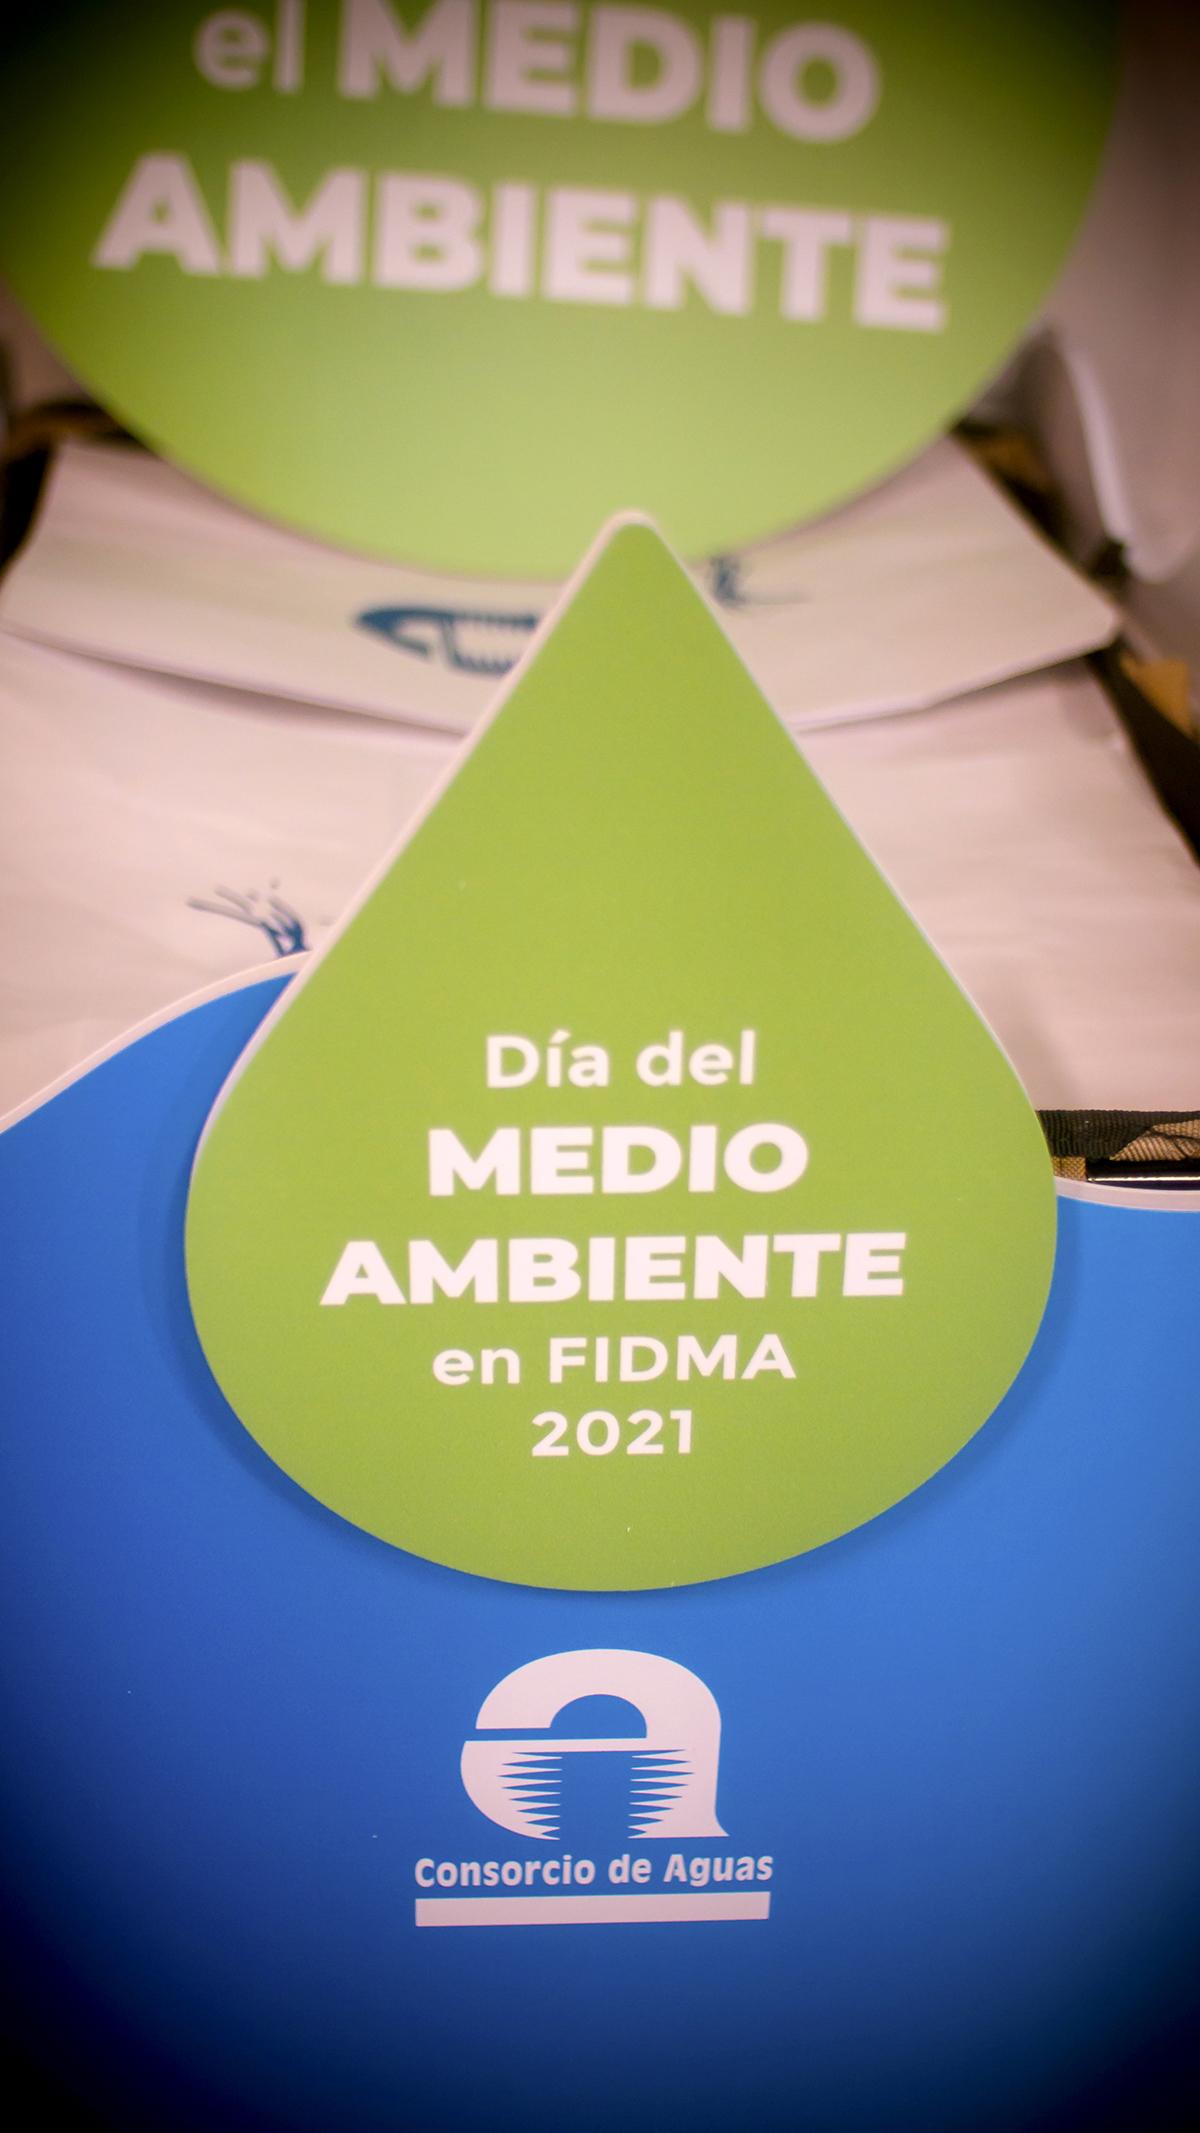 01 día del medioambiente en fidma (18 agosto)